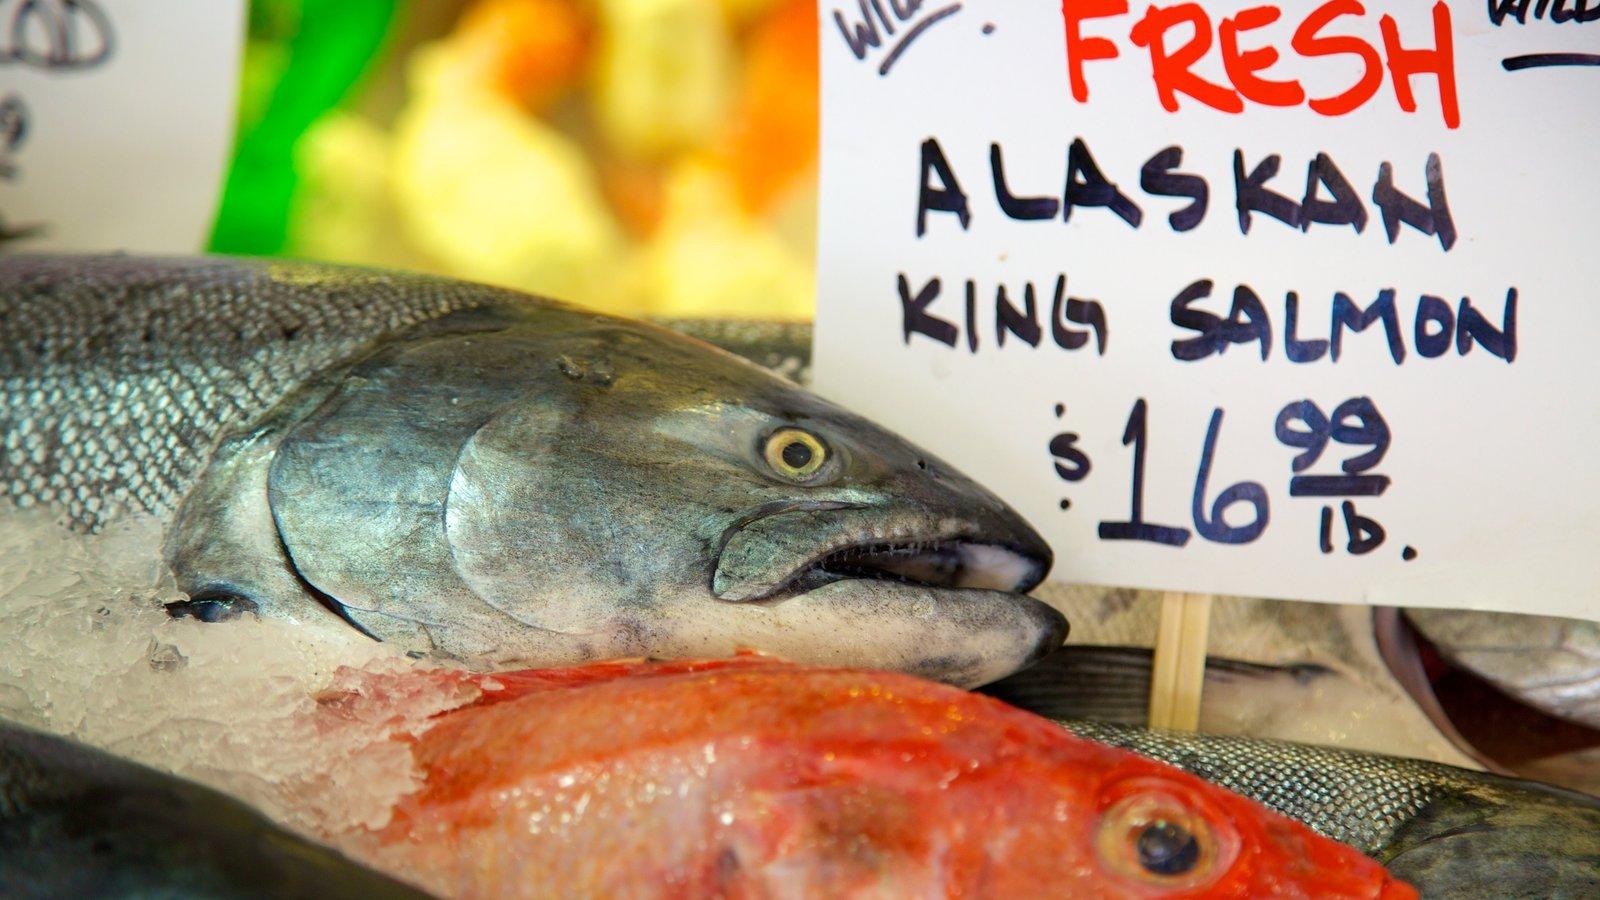 Pike Place Market ofreciendo señalización, comida y mercados